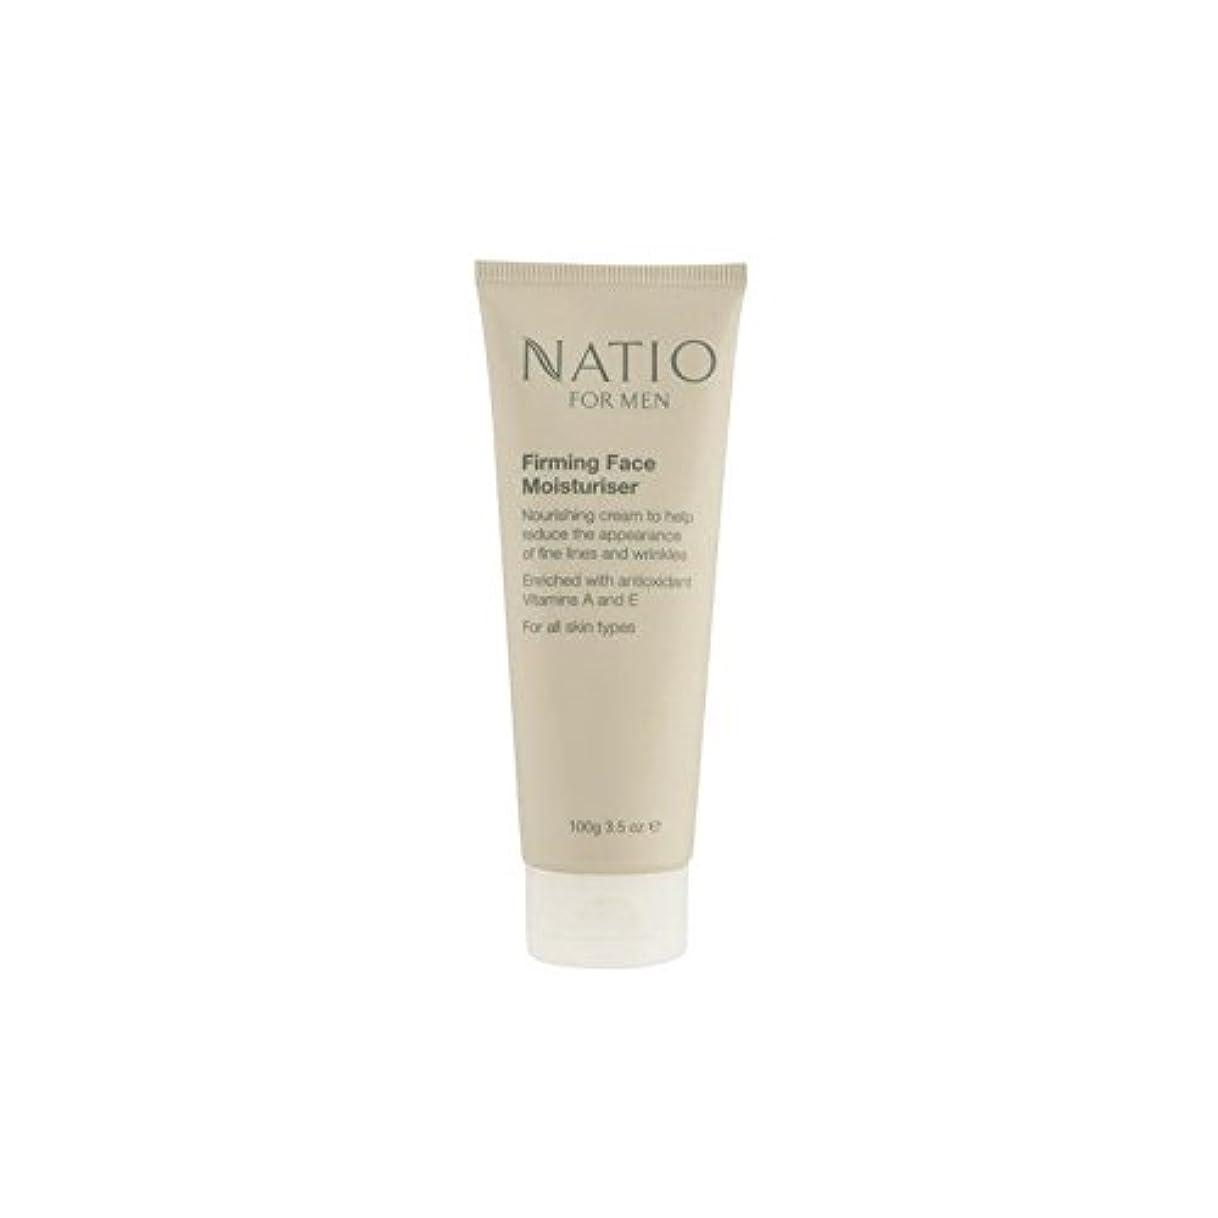 曲十一踊り子Natio For Men Firming Face Moisturiser (100G) - 顔の保湿剤を引き締め男性のための(100グラム) [並行輸入品]